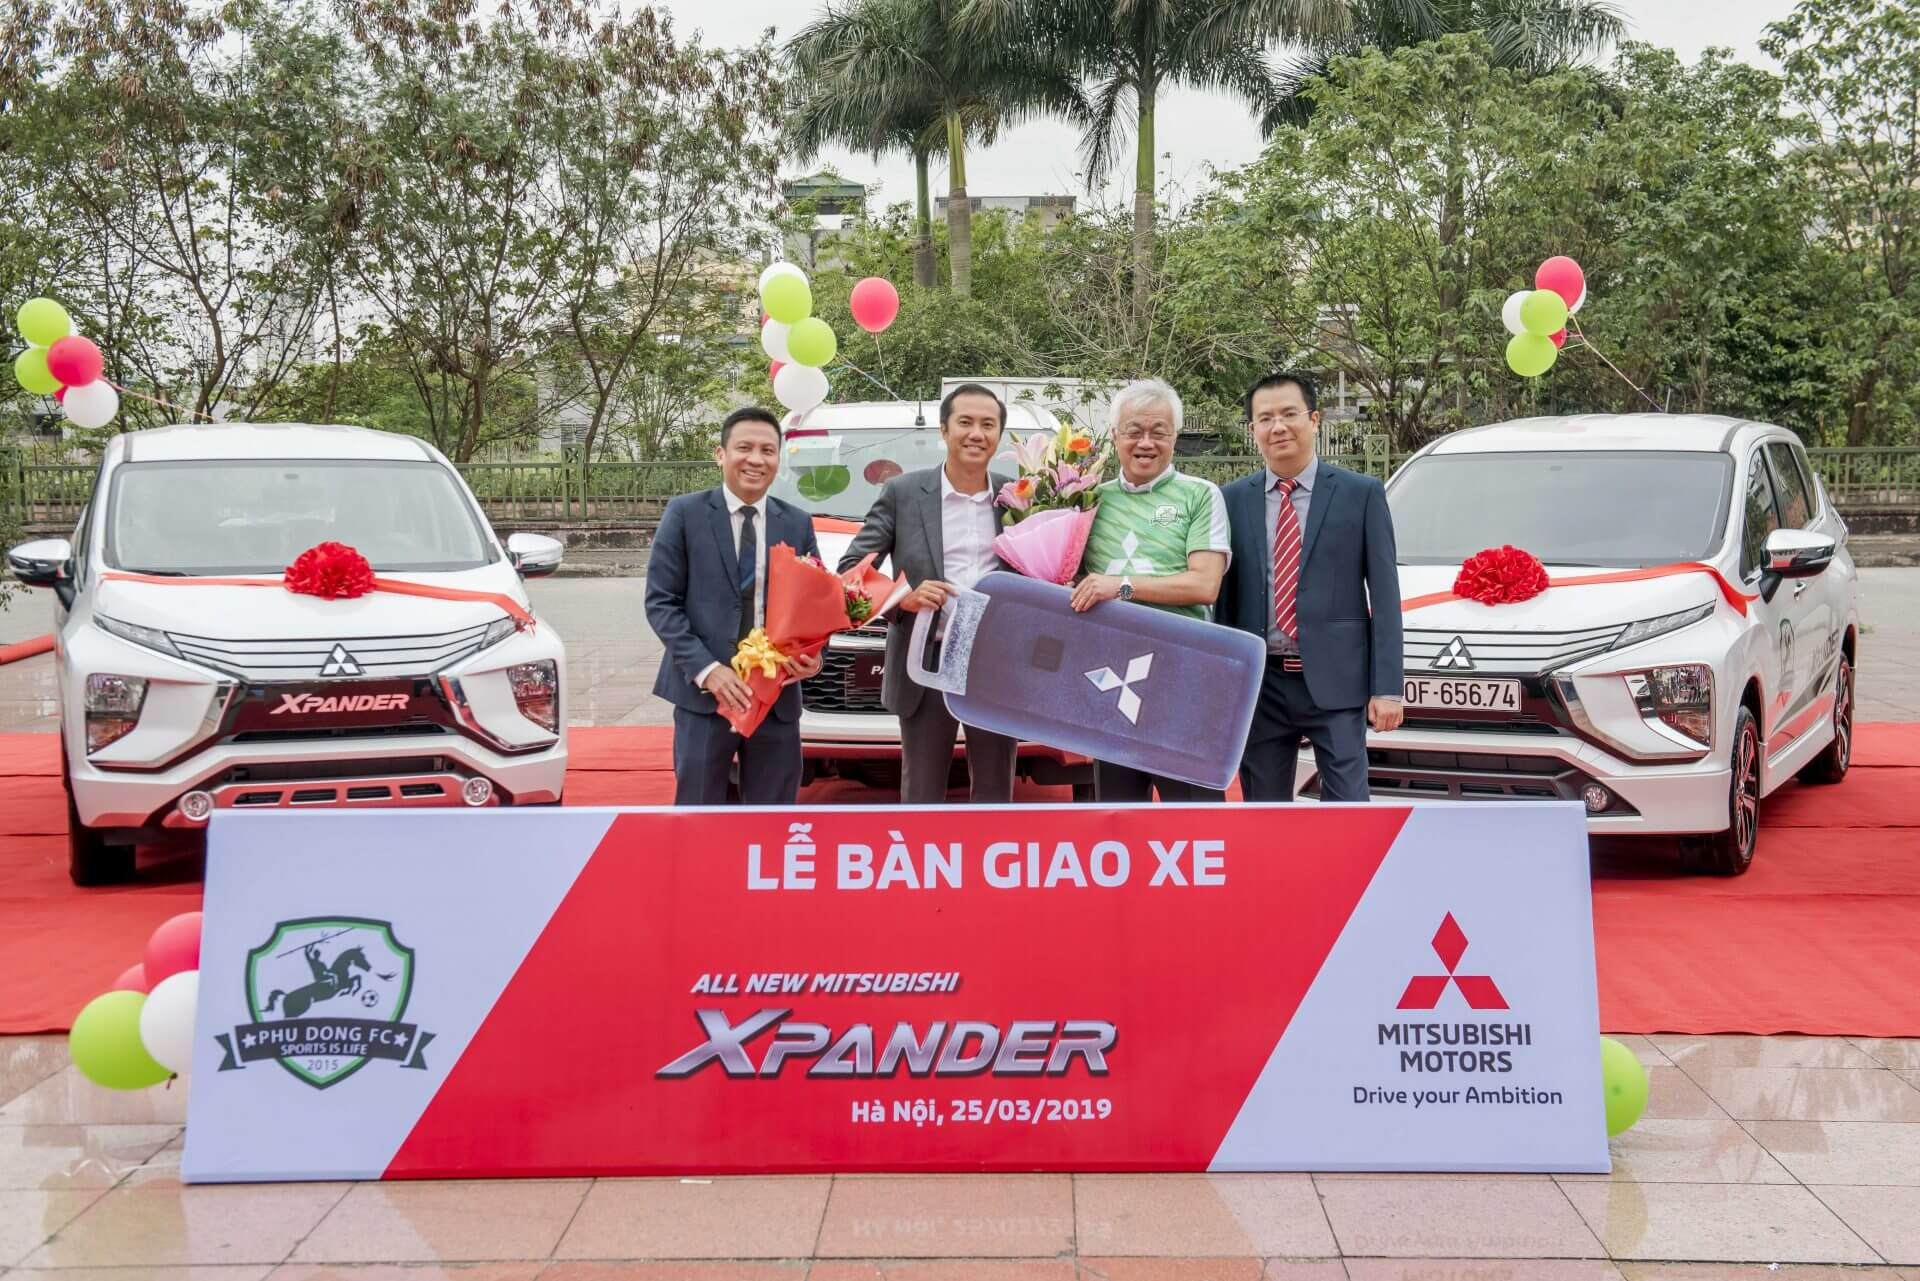 Mitsubishi Motors Việt Nam tiếp tục đồng hành cùng Đội bóng Phù Đổng mùa giải 2019